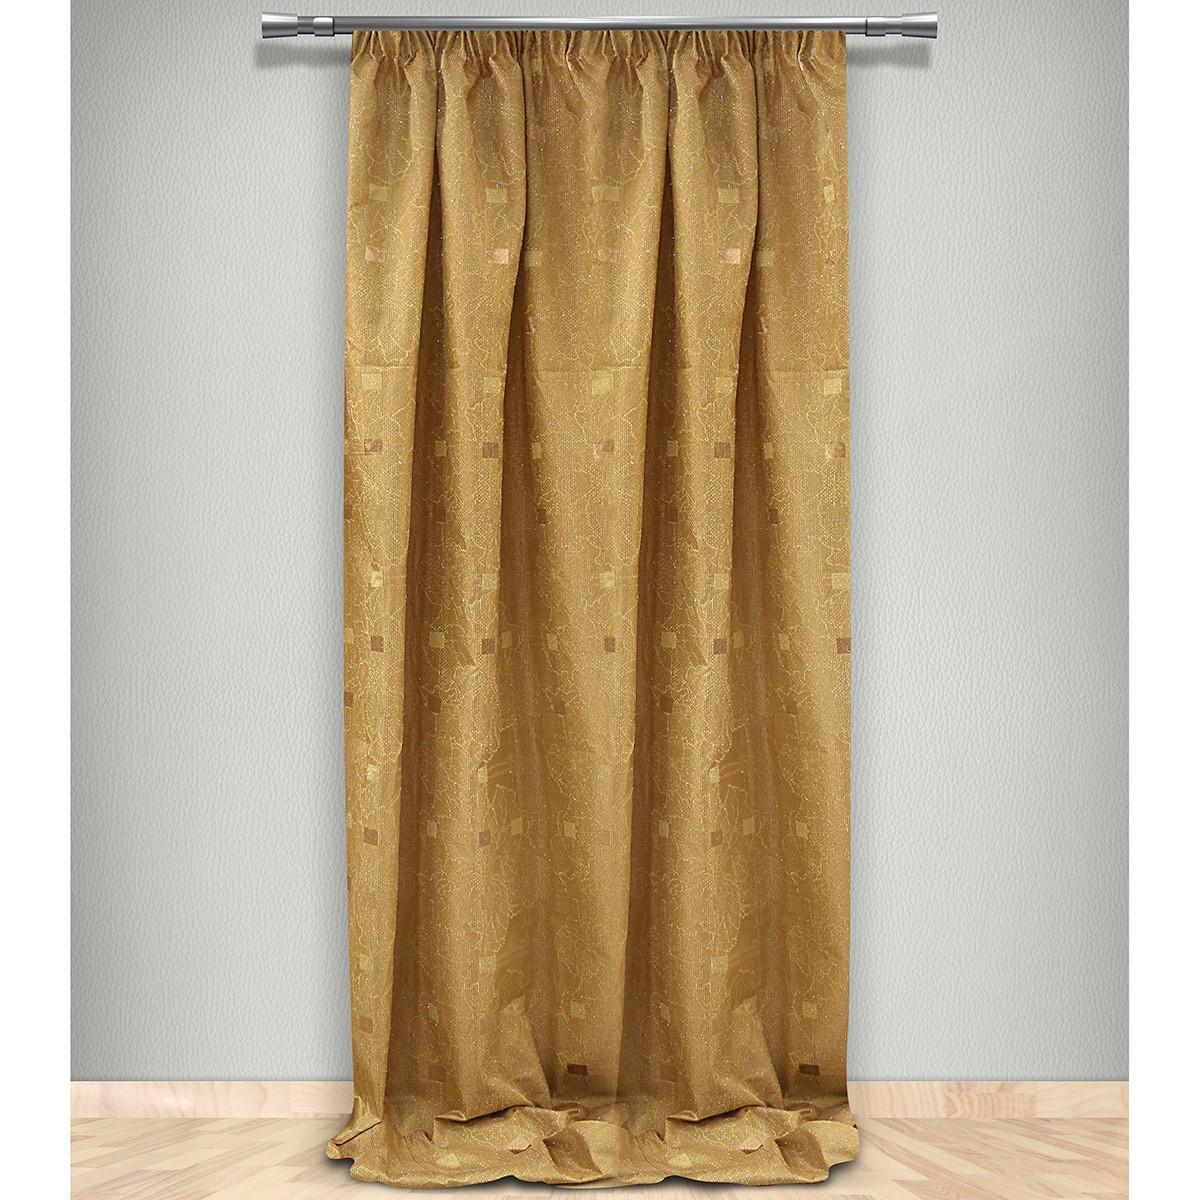 Κουρτίνα (145×320) Με Τρέσα Maison Blanche 7021112302